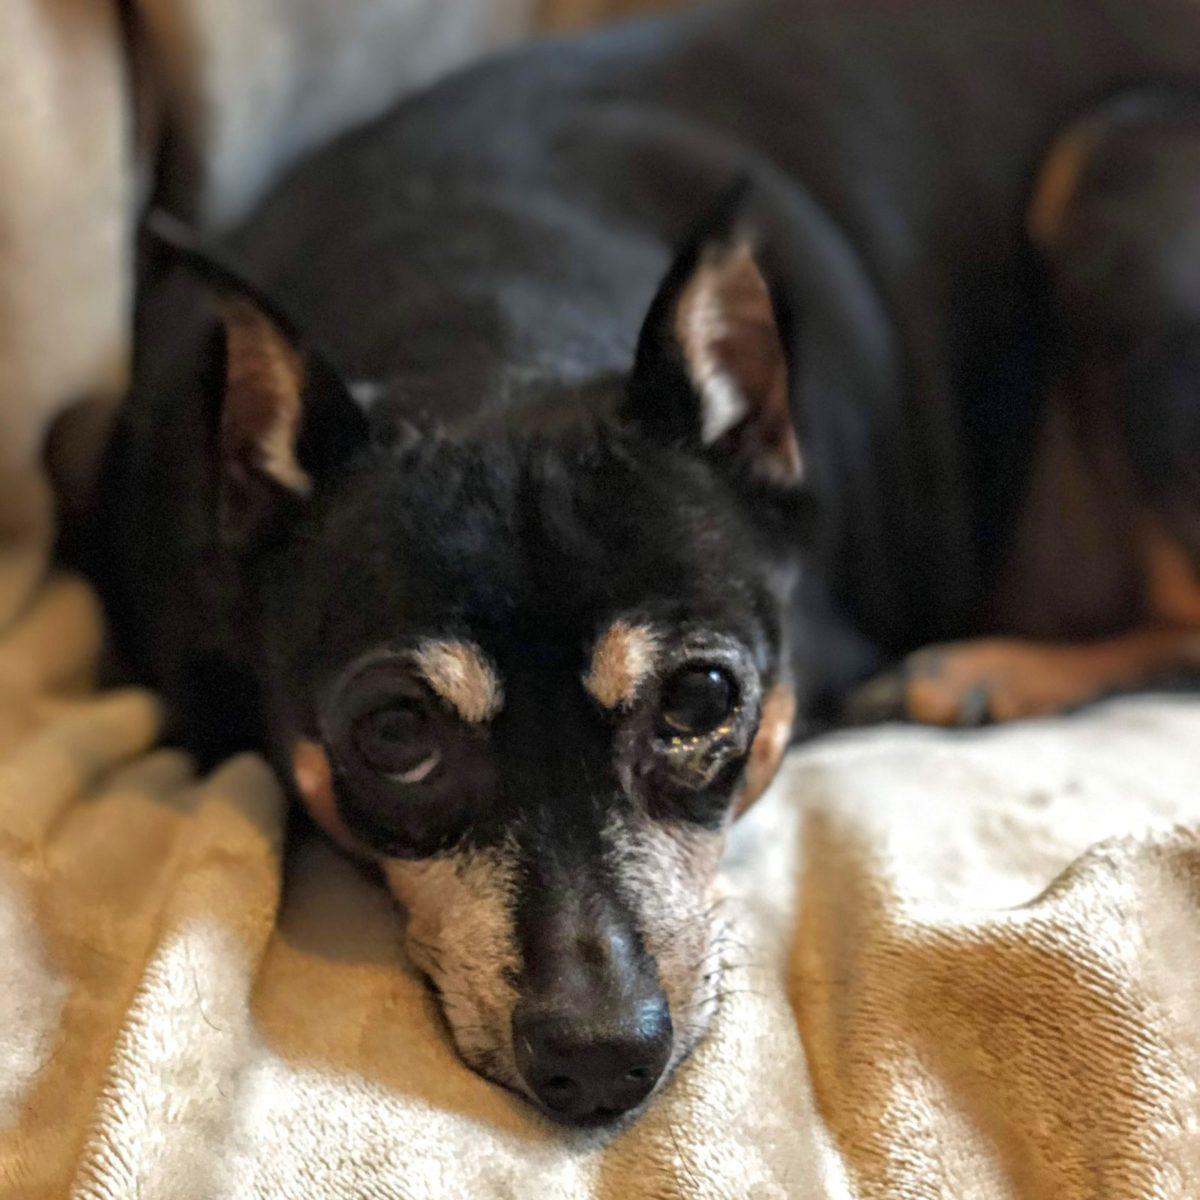 Adopt Winnie - Min Pinscher Mix - New Hope Animal Rescue - Austin TX